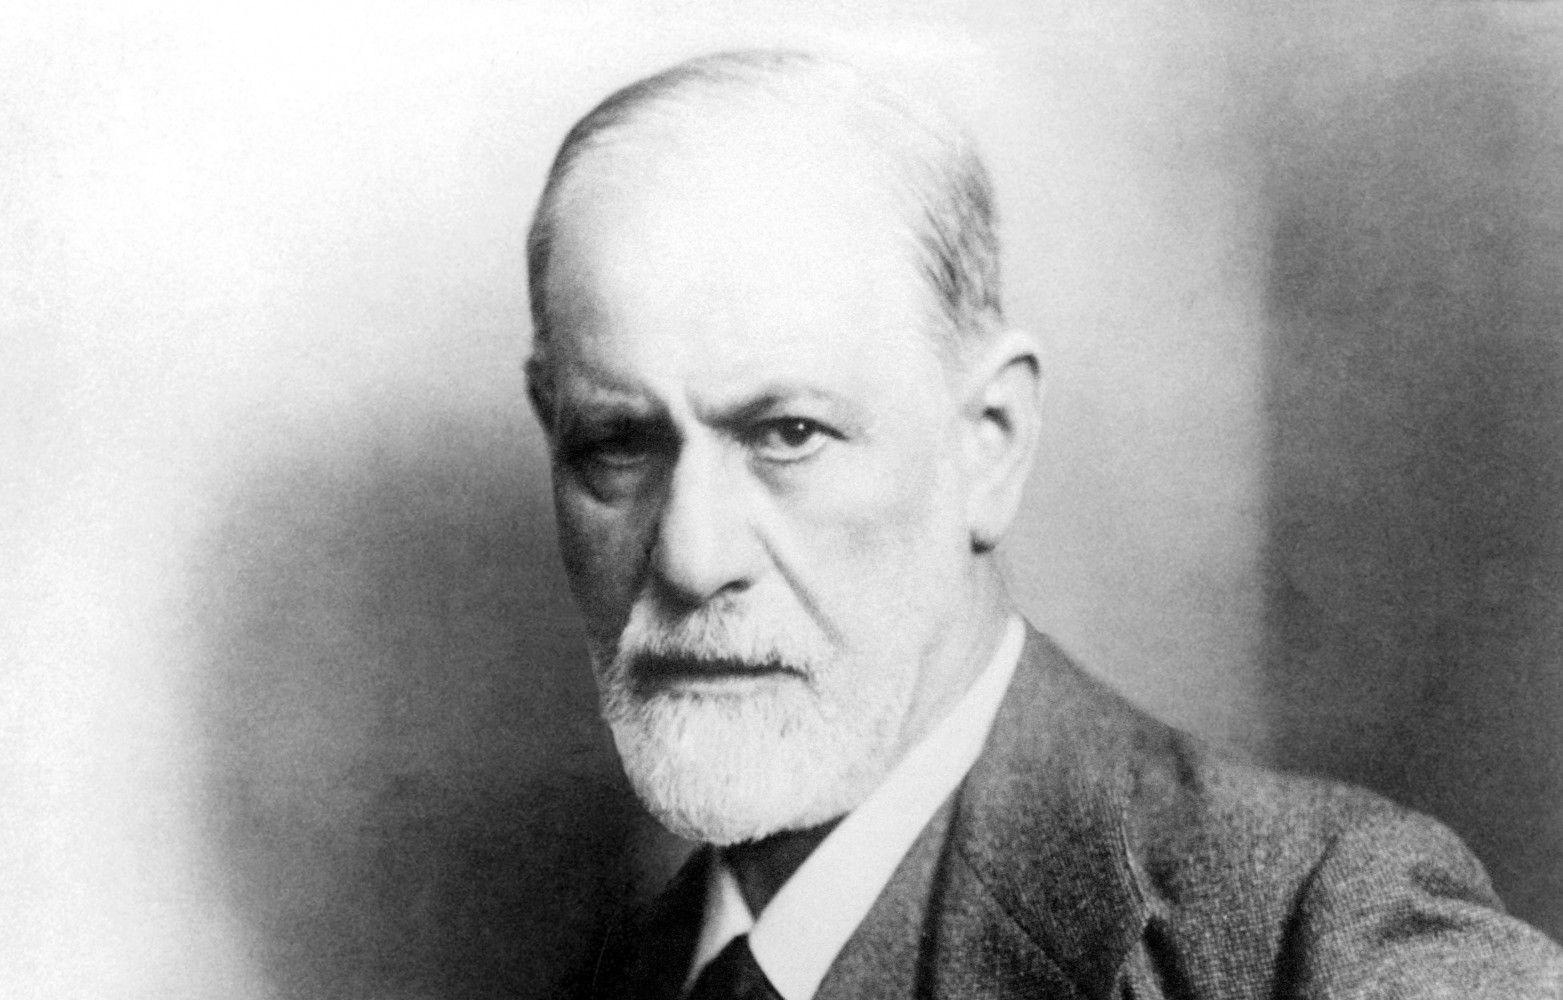 """Em carta, Freud diz que """"A homossexualidade não pode ser qualificada como uma doença"""""""